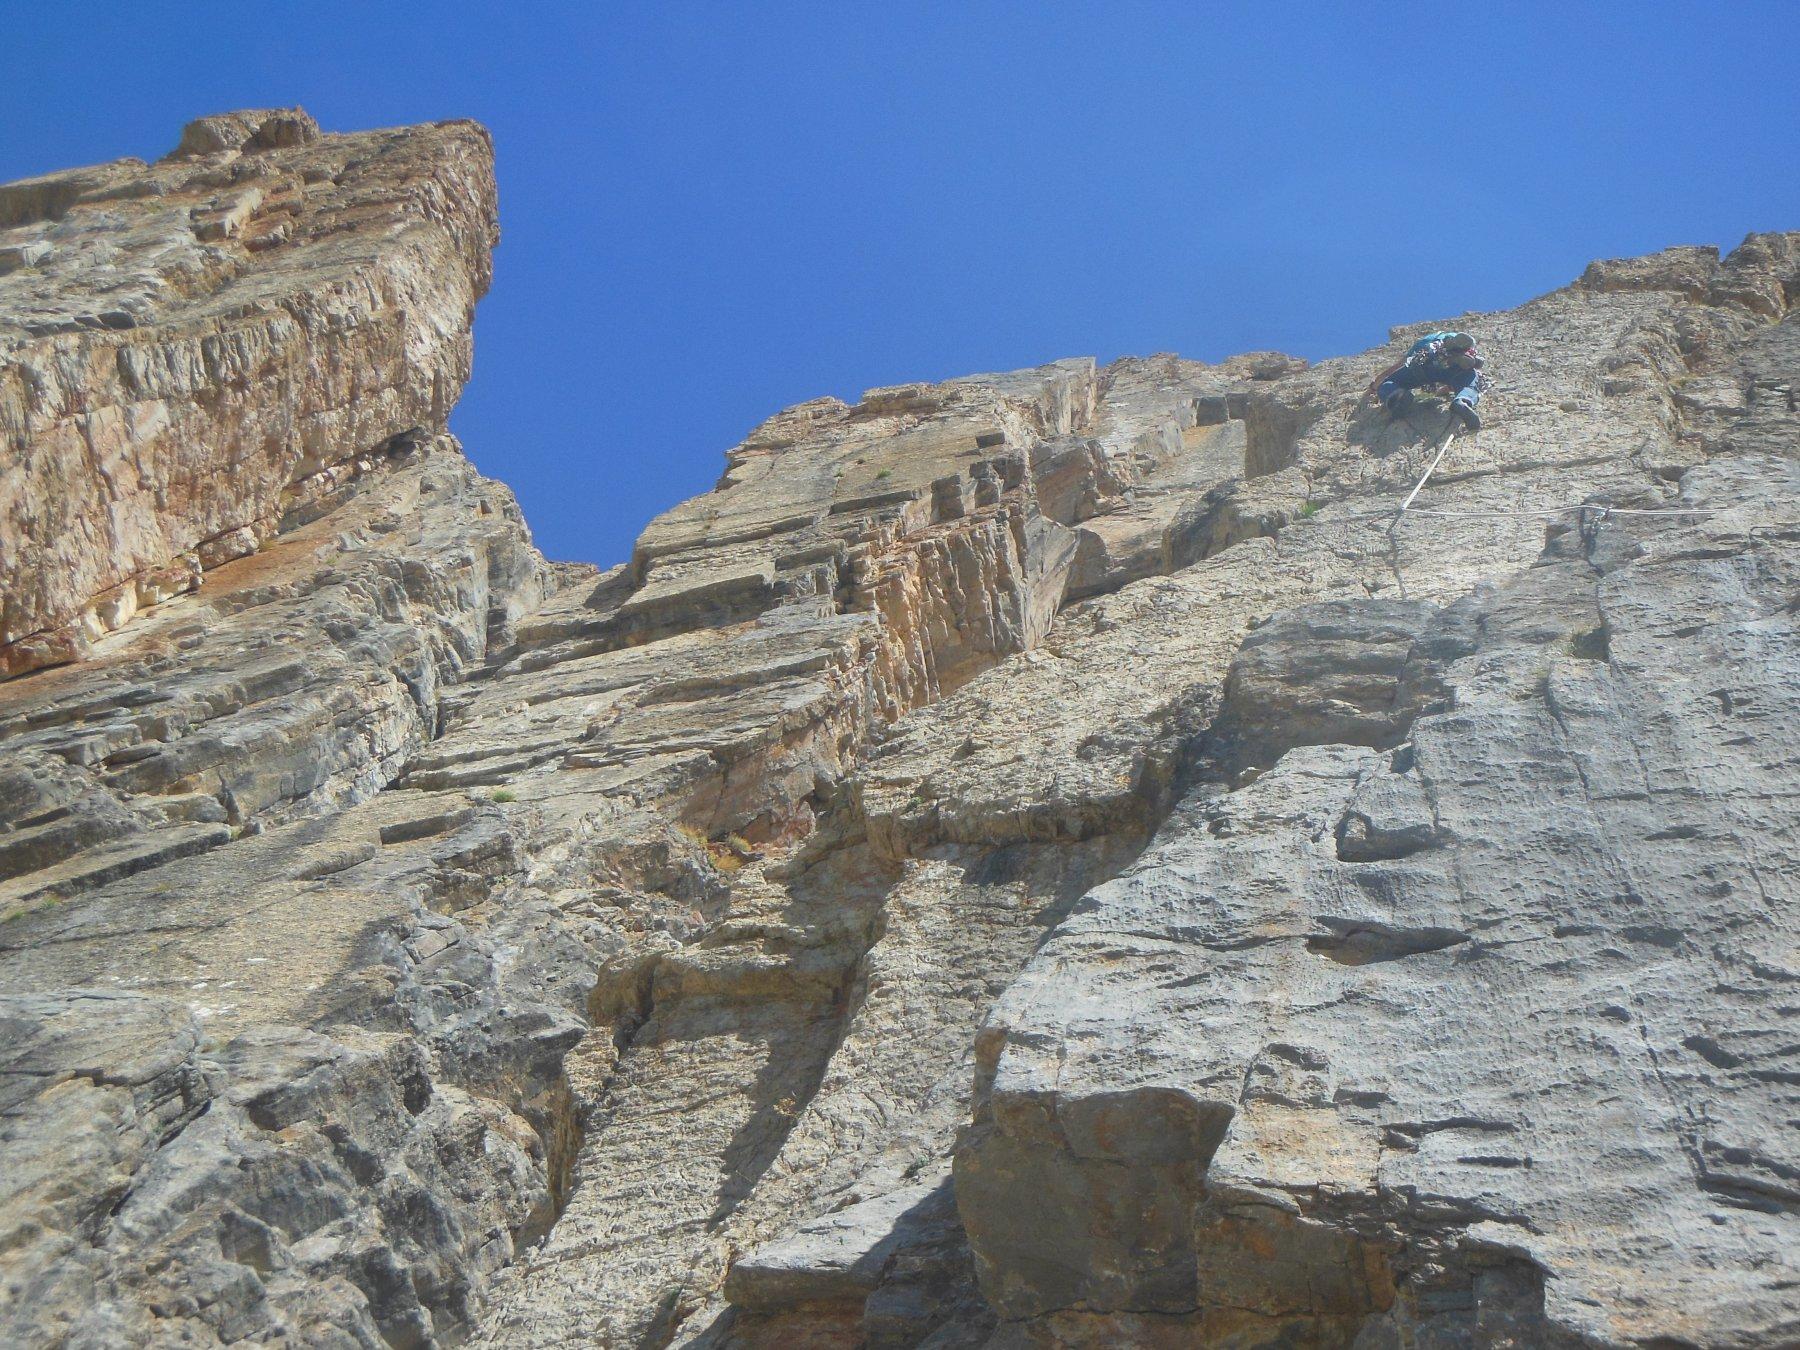 Tiro di 6c+...dopo la liscia ed ostica placca, un meraviglioso muro verticale a rigole e buchi